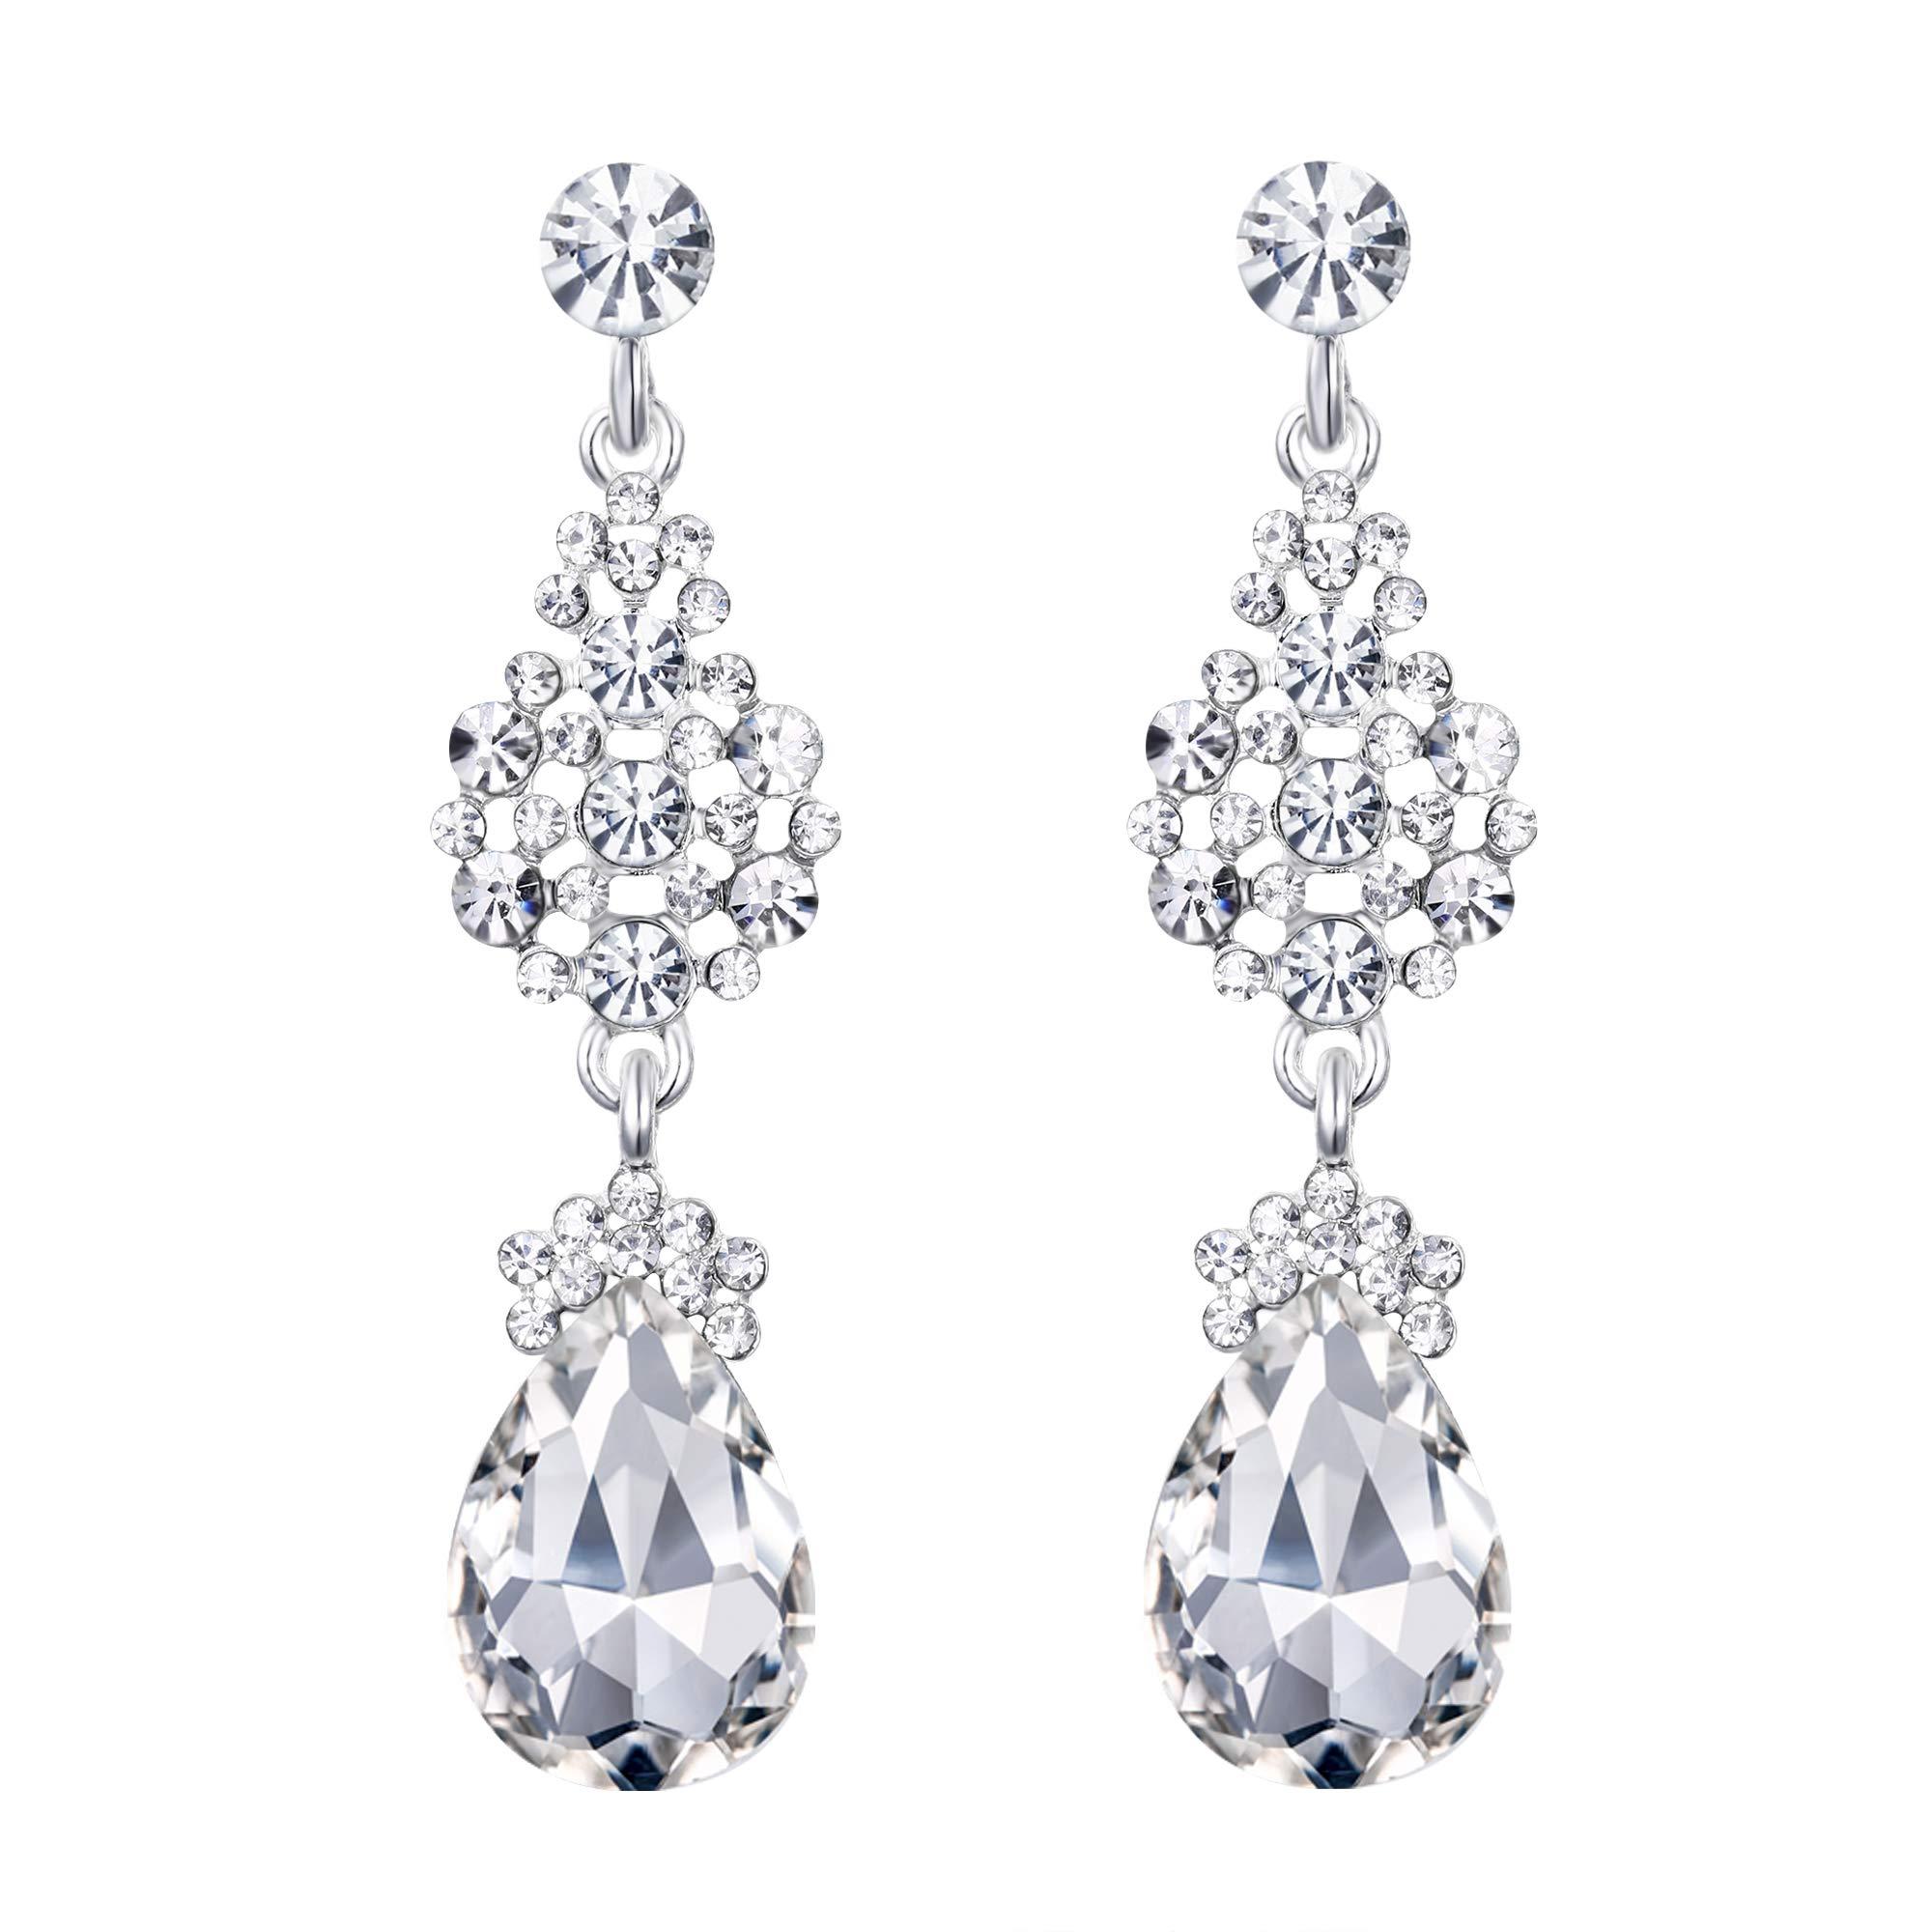 27b518e51 EleQueen Austrian Crystal Elegant Teardrop Dangle Wedding Earrings For Women  Silver-Tone Clear